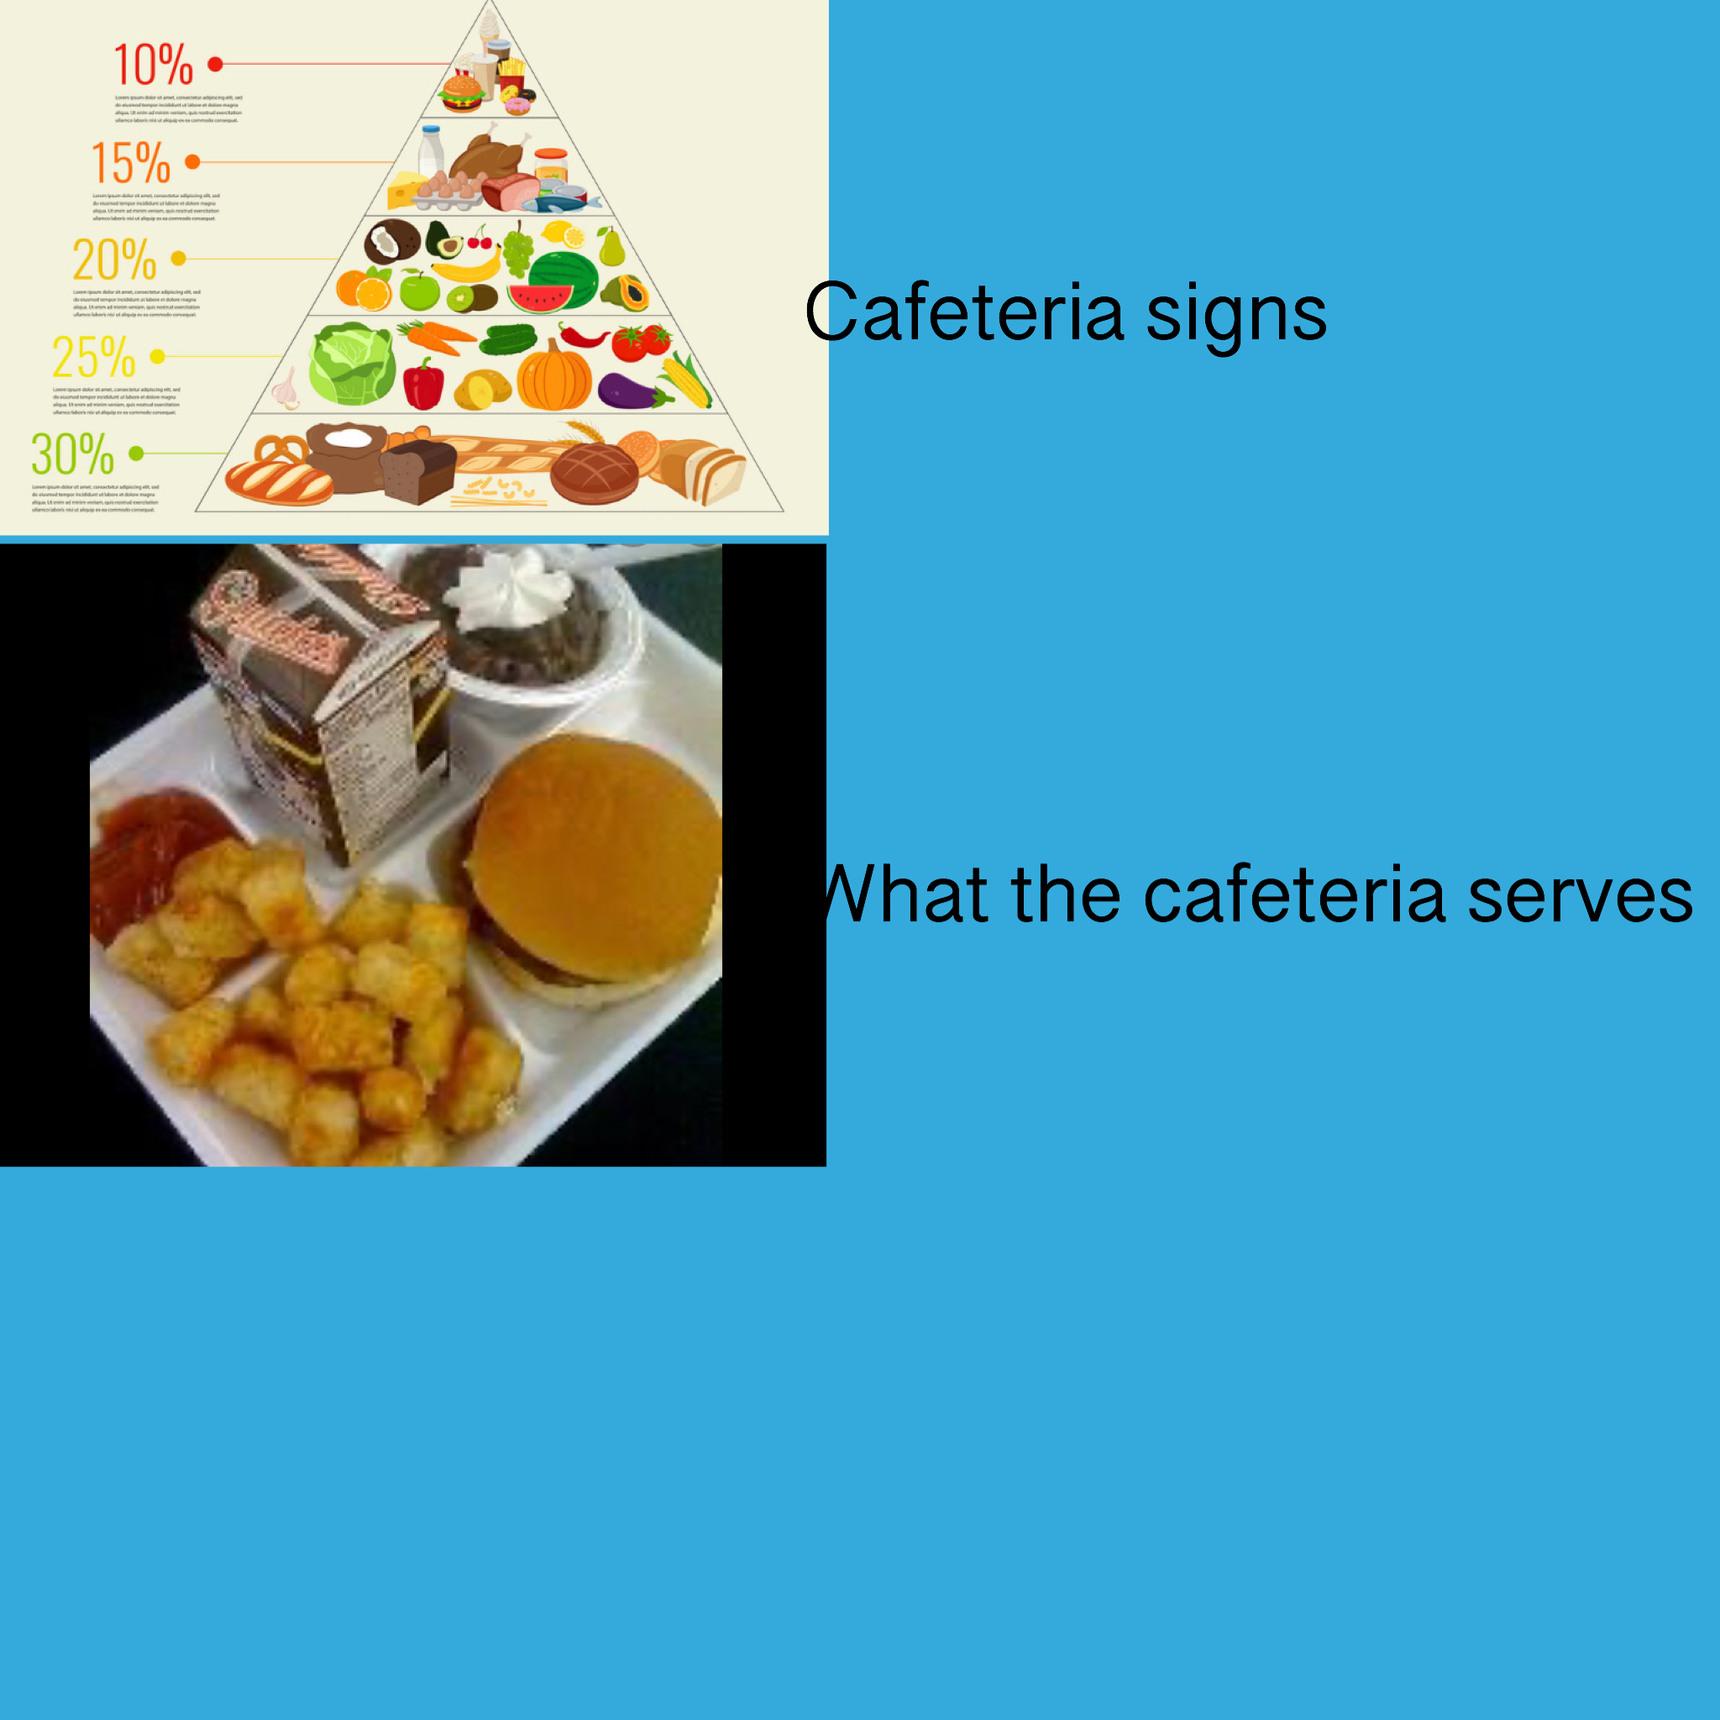 Cafetiria - meme